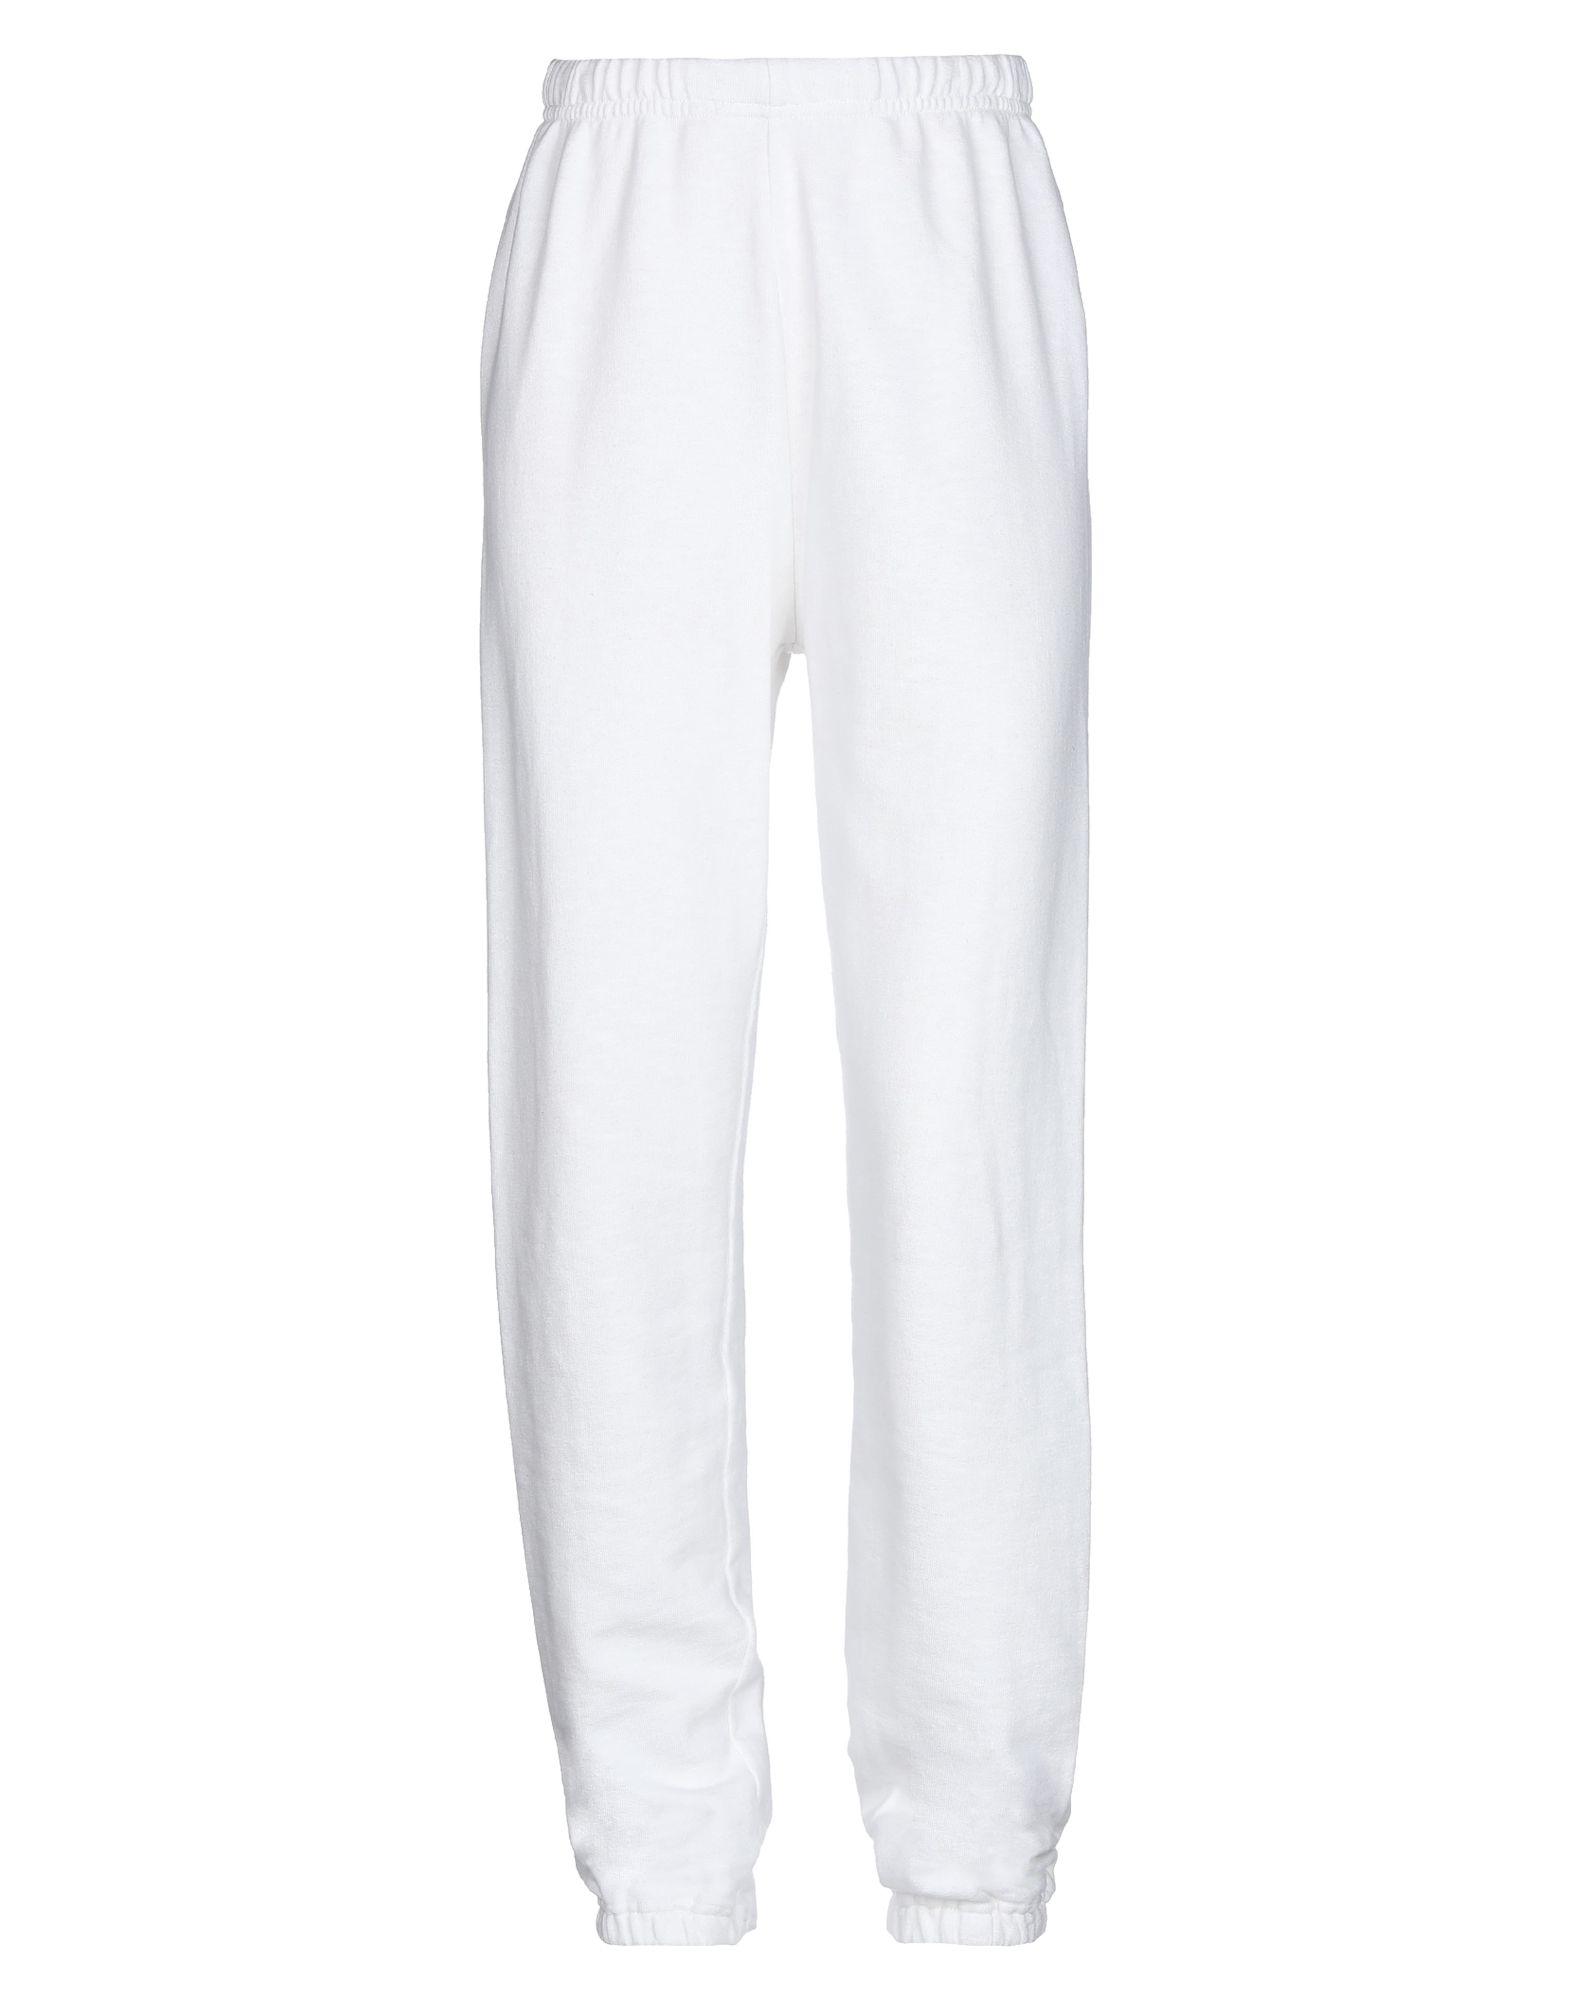 G750G Повседневные брюки g750g футболка